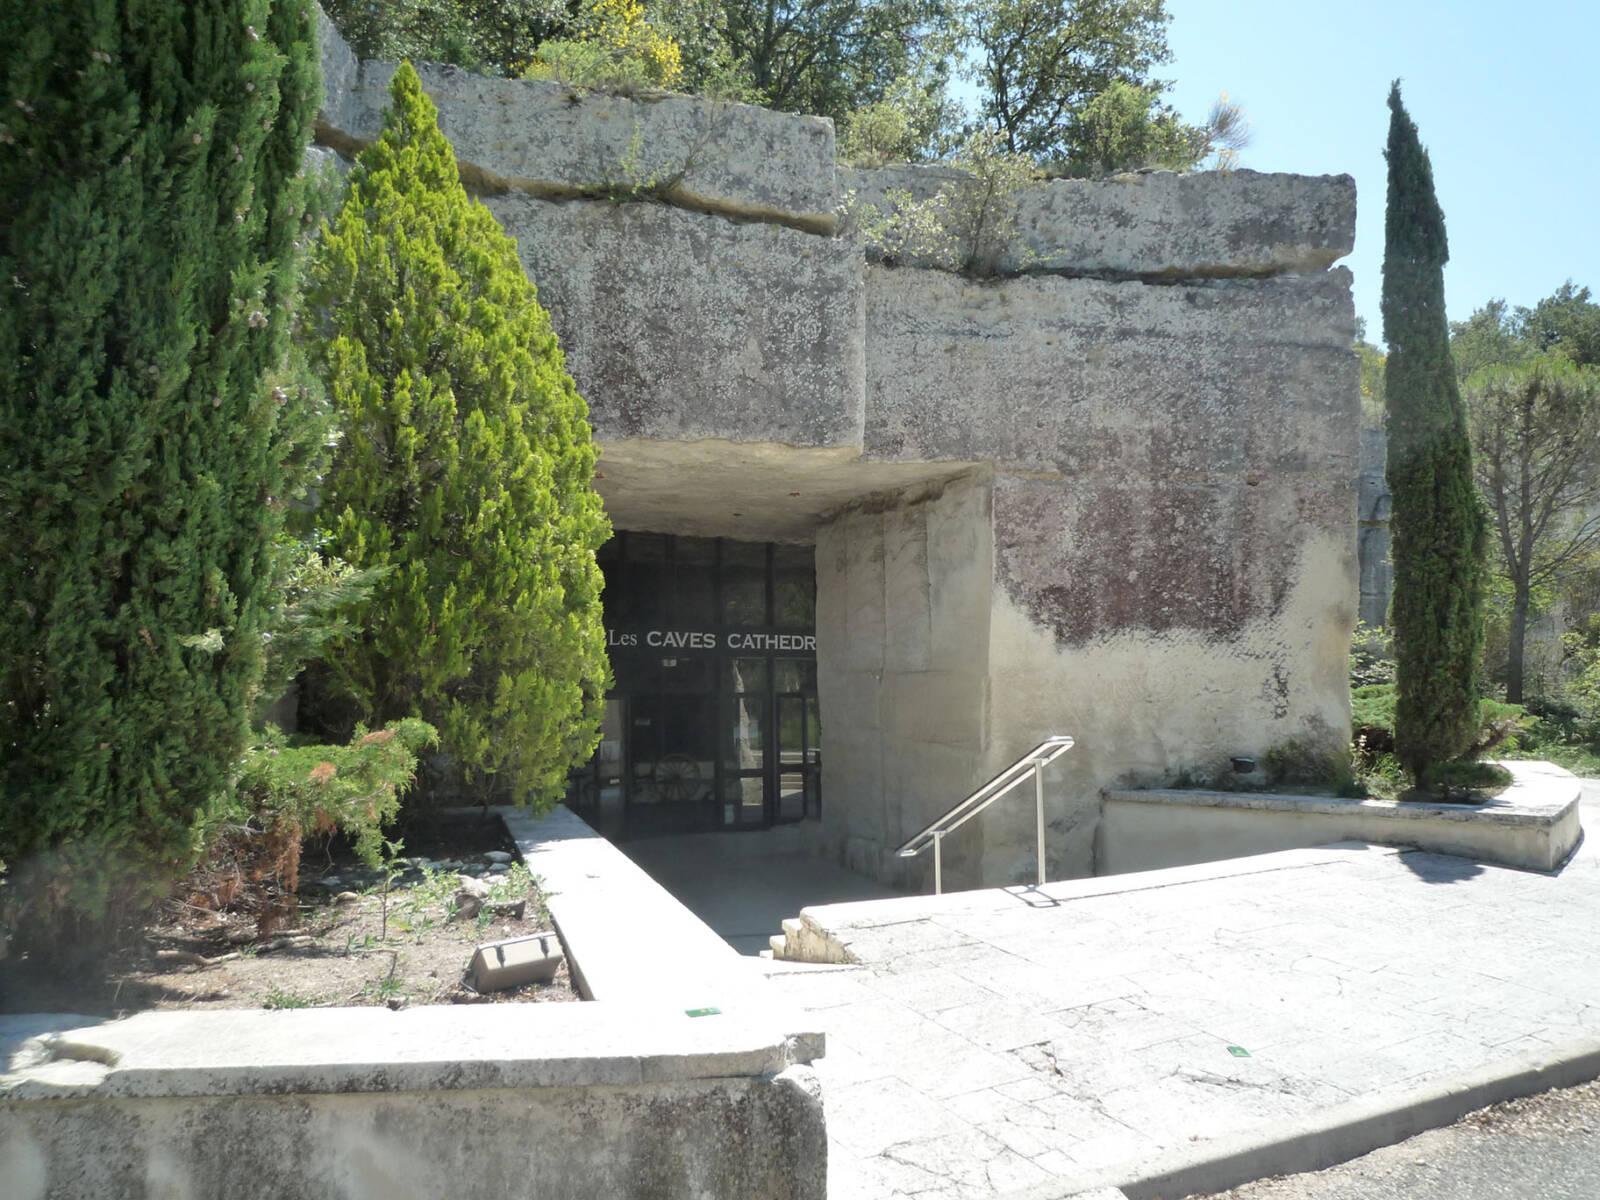 entrée caveau caves cathedrales